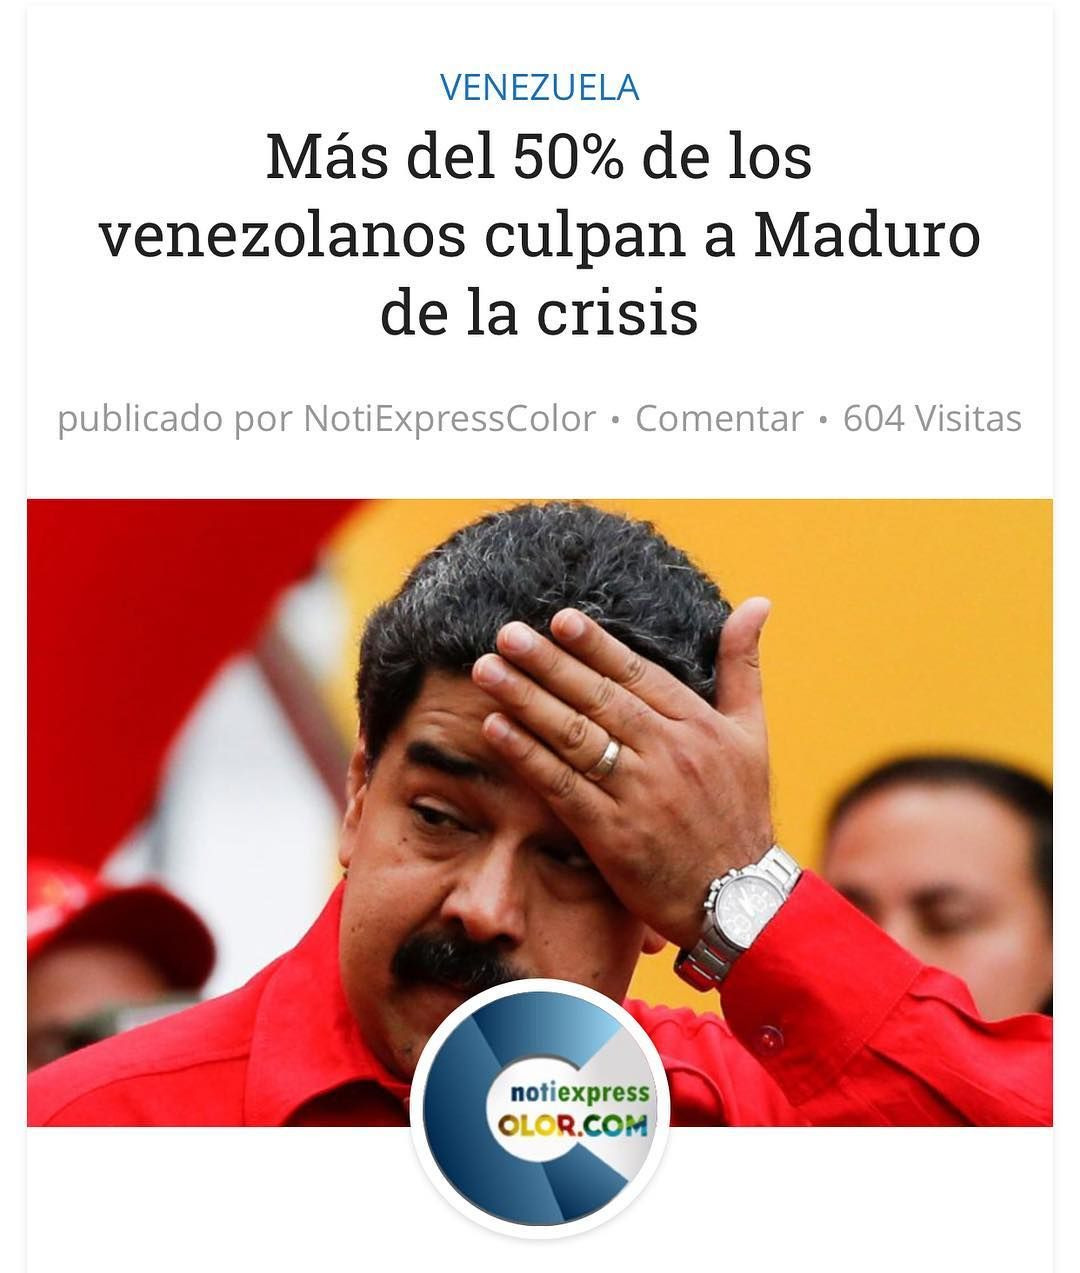 Mas del 50% culpa a Maduro de la Crisis